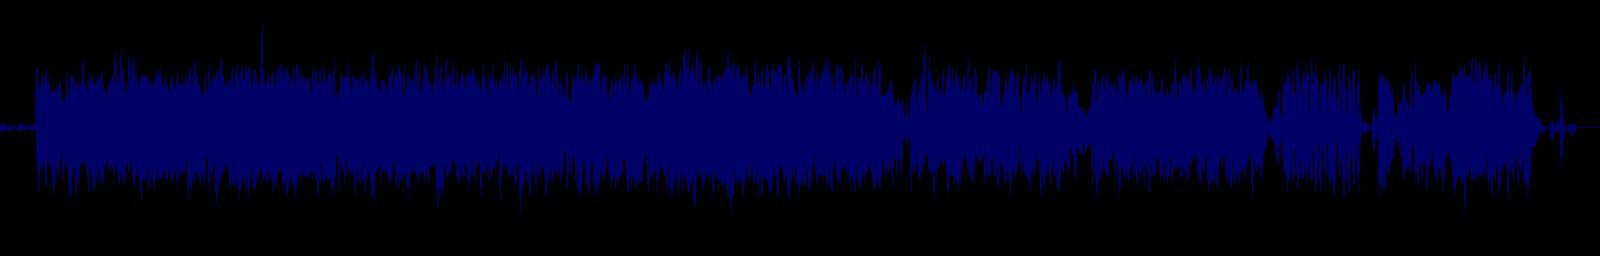 waveform of track #132247